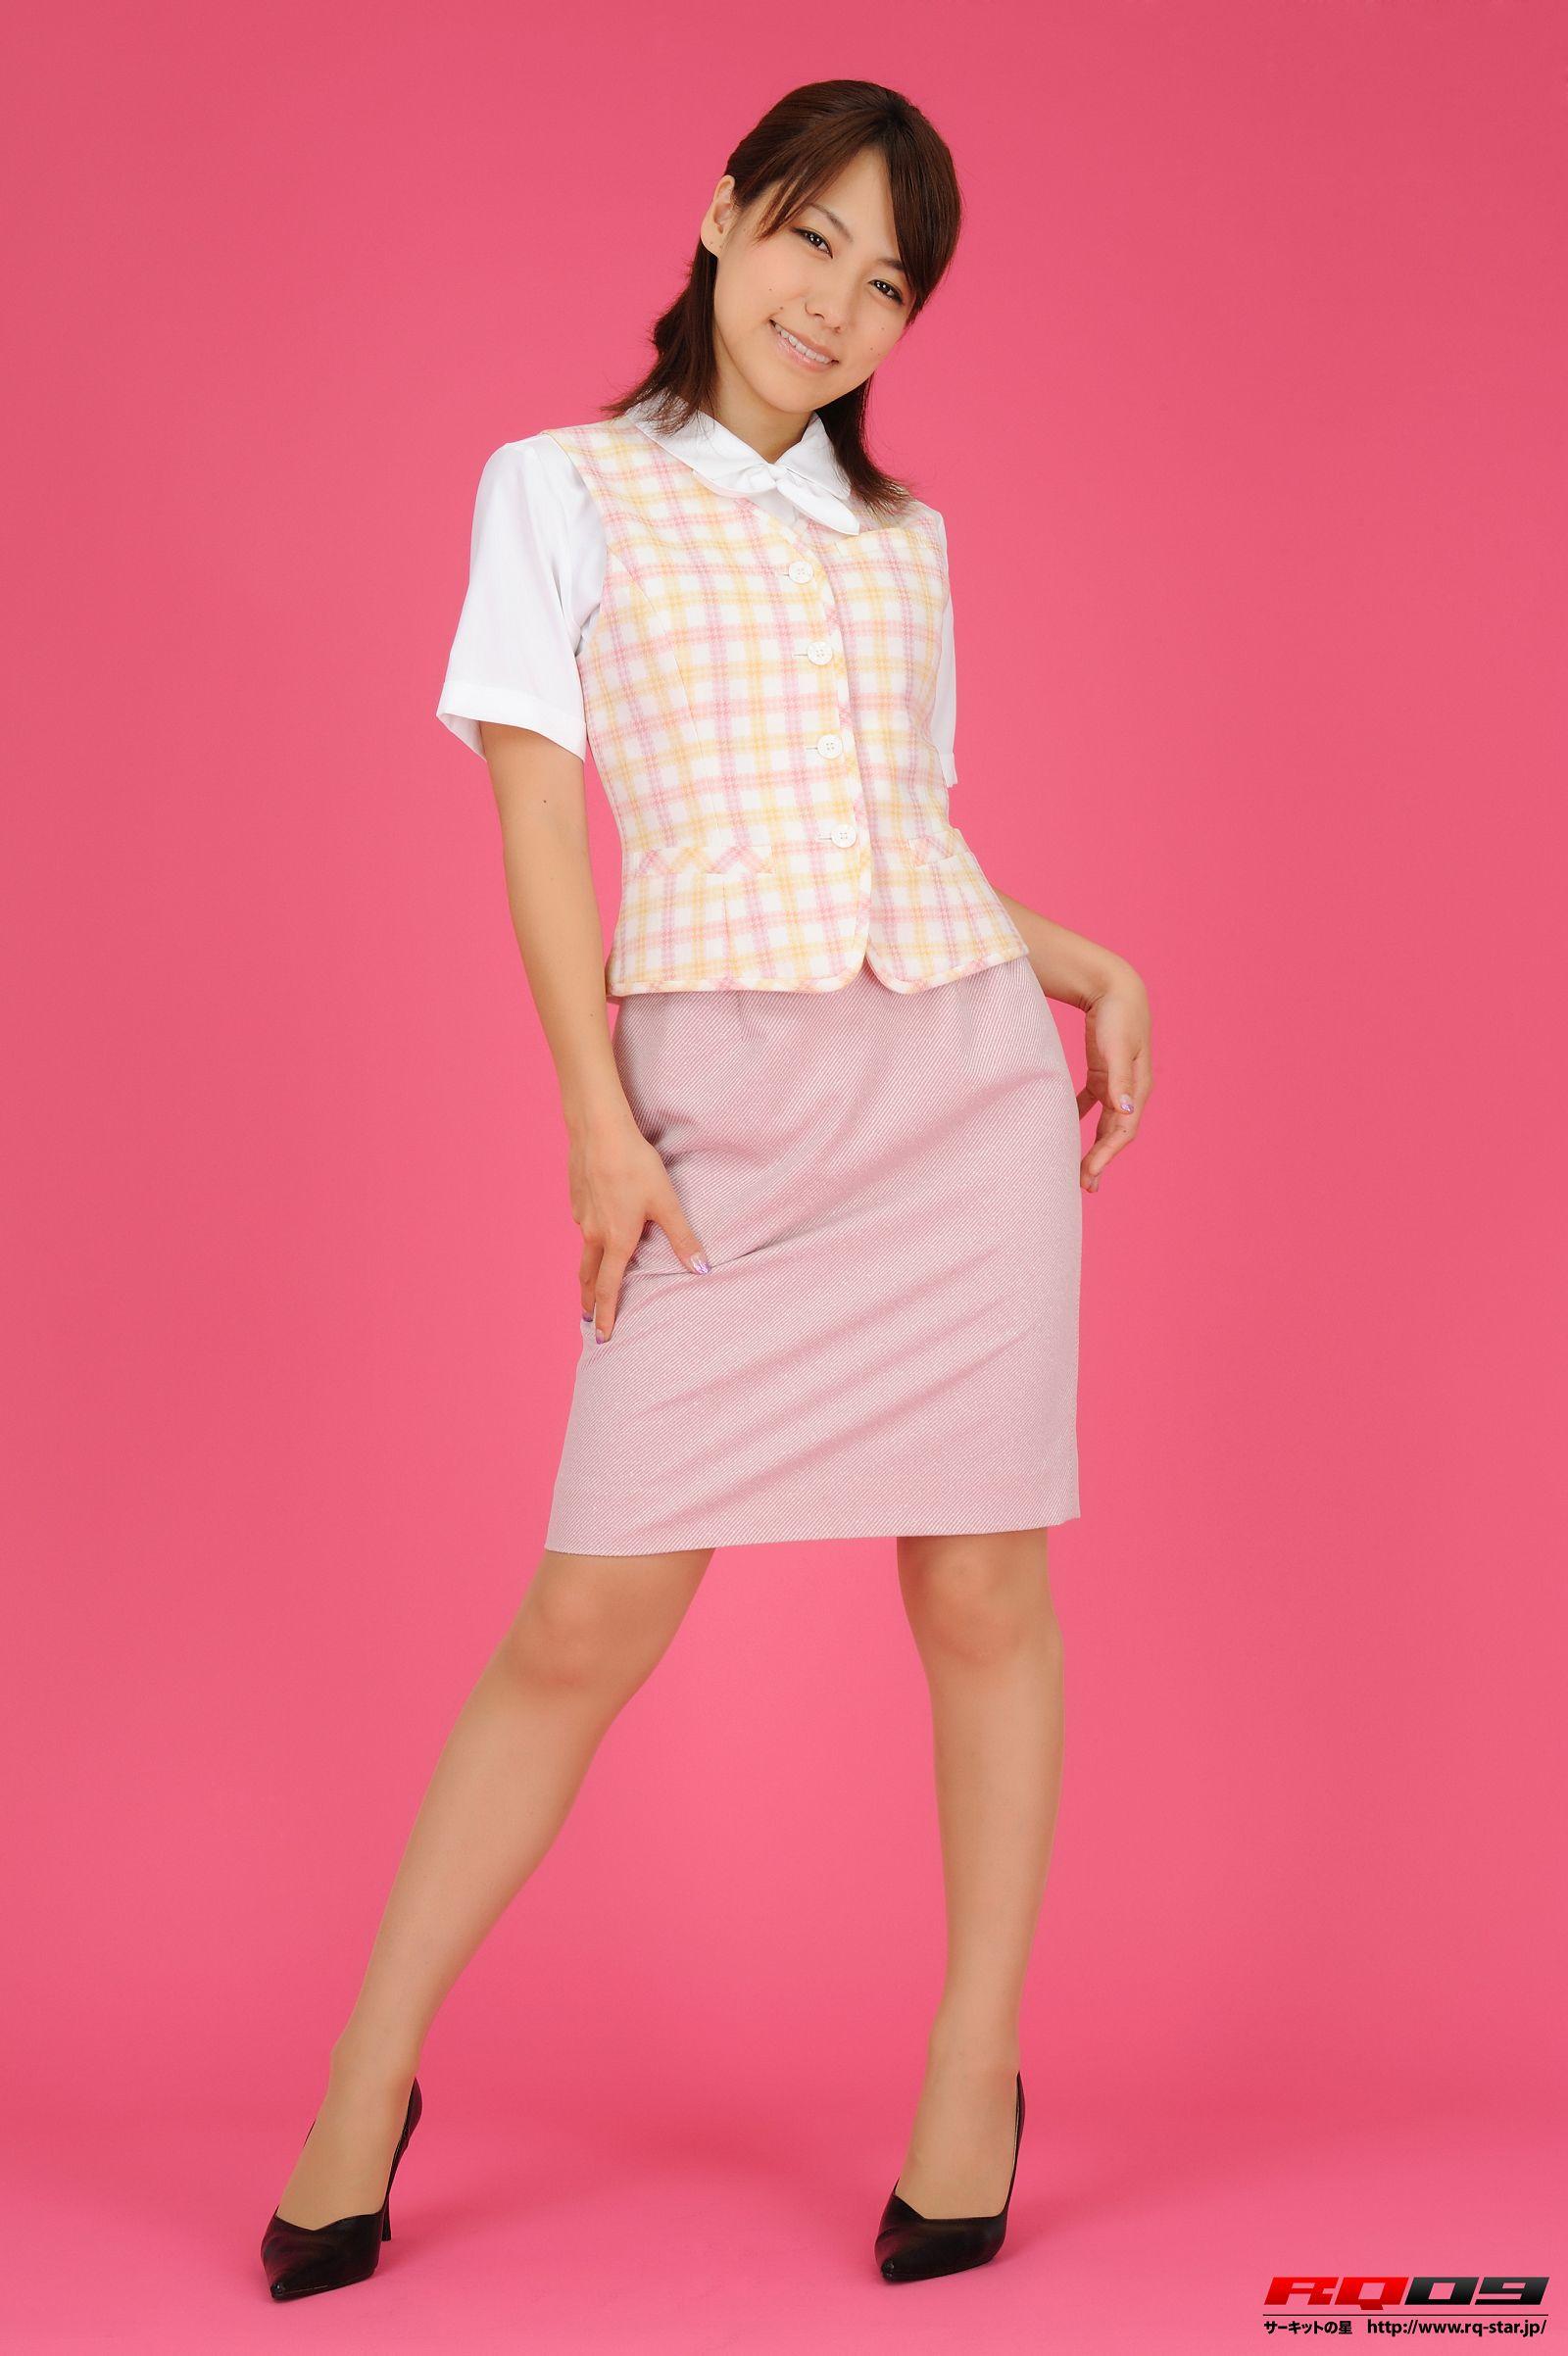 [RQ-STAR美女] NO.0178 Misato Kashiwagi 柏木美里 Office Lady1